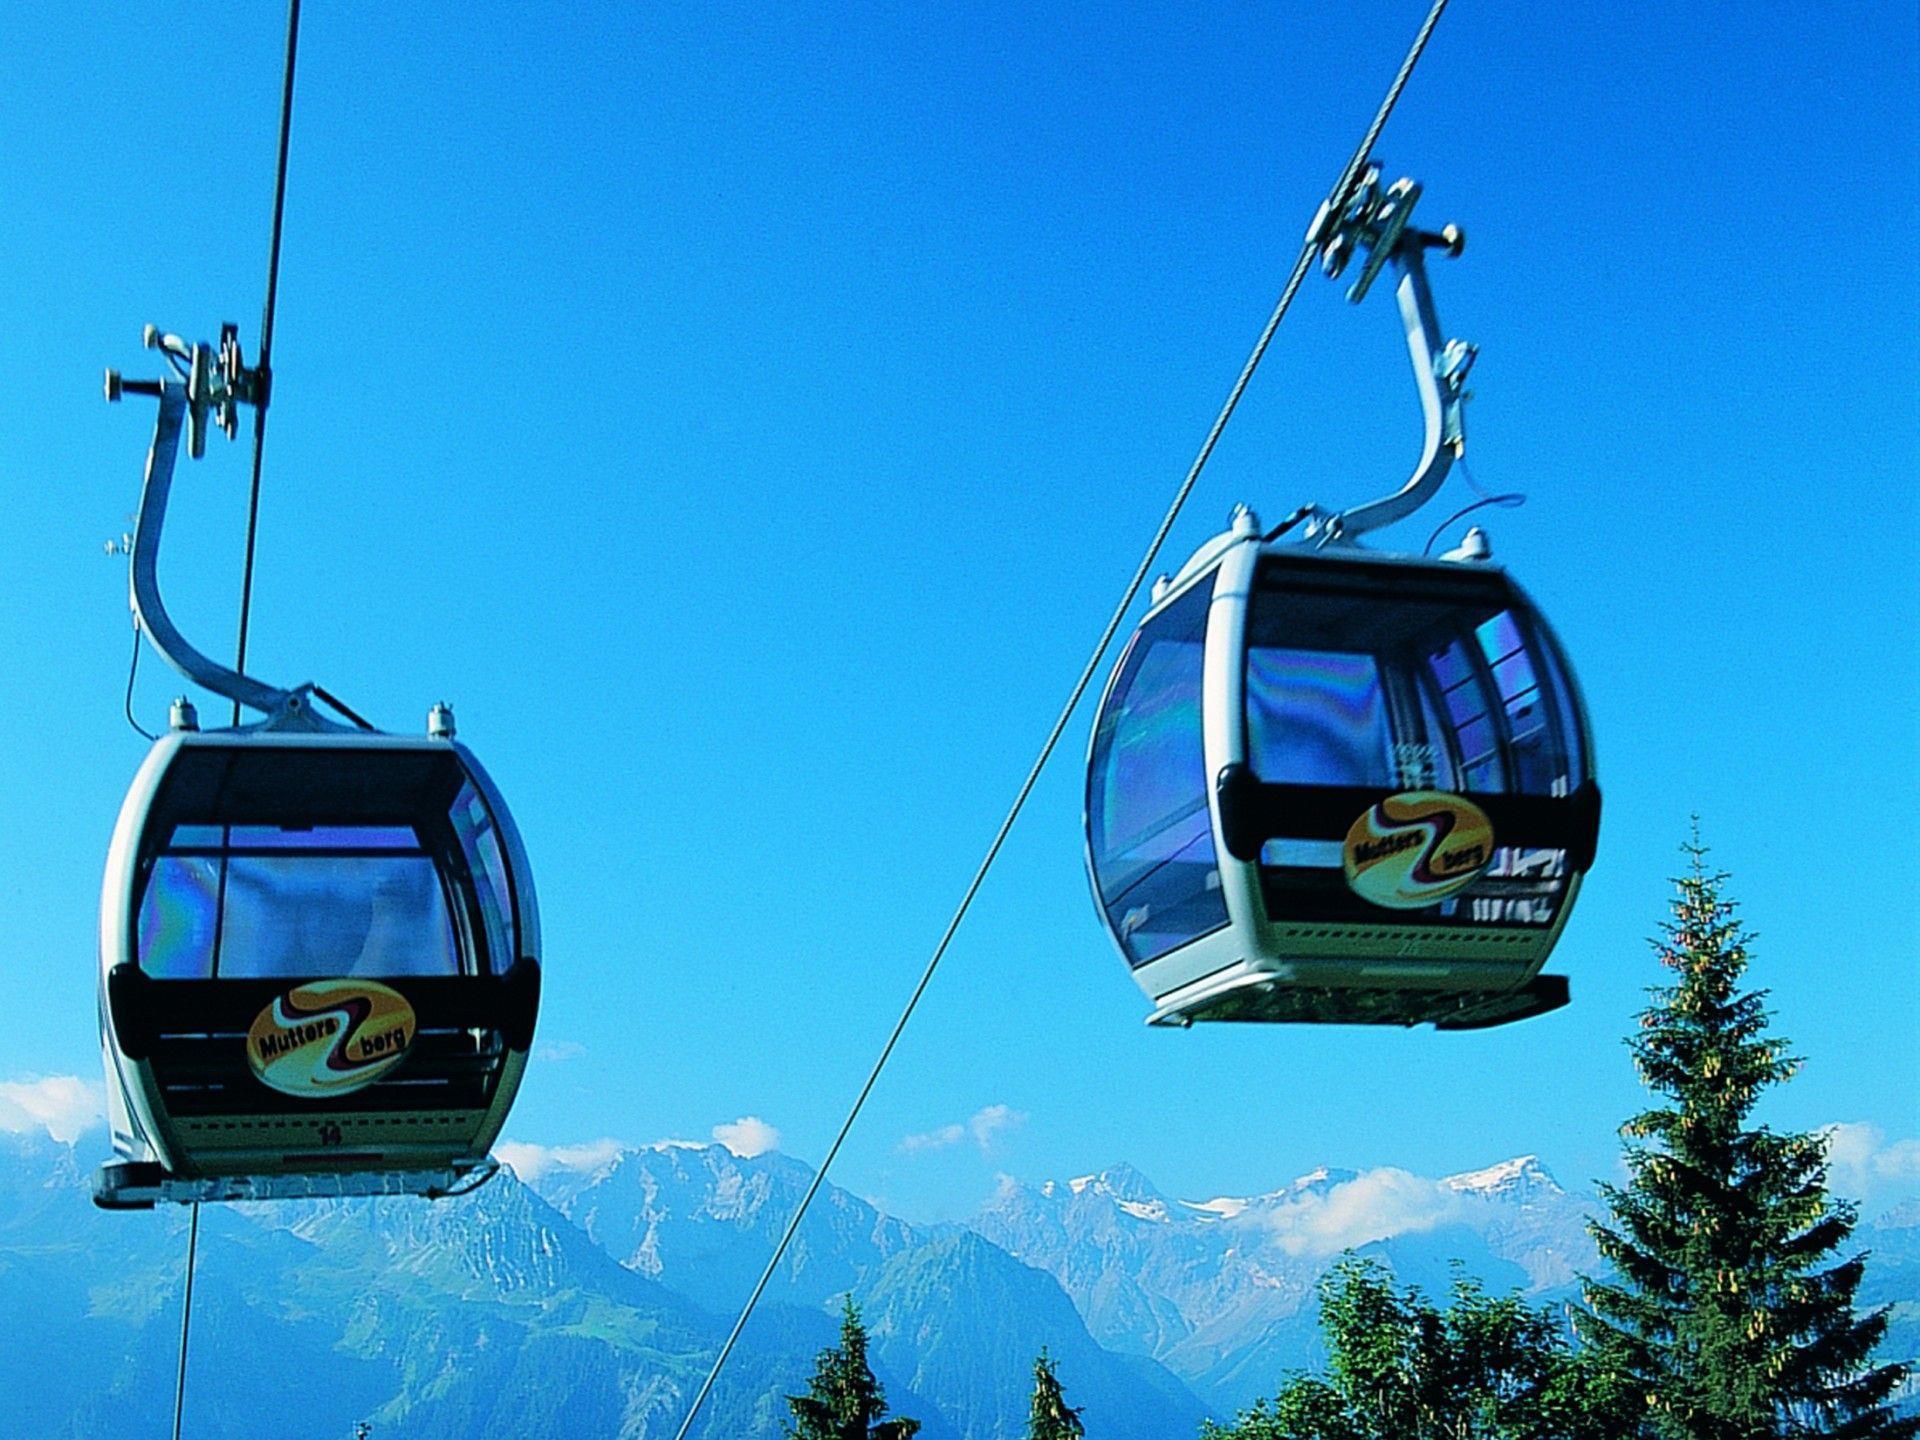 Die Öffnungszeiten der Muttersbergseilbahn und des Alpengasthofes wurden ab 1. Juli erweitert.